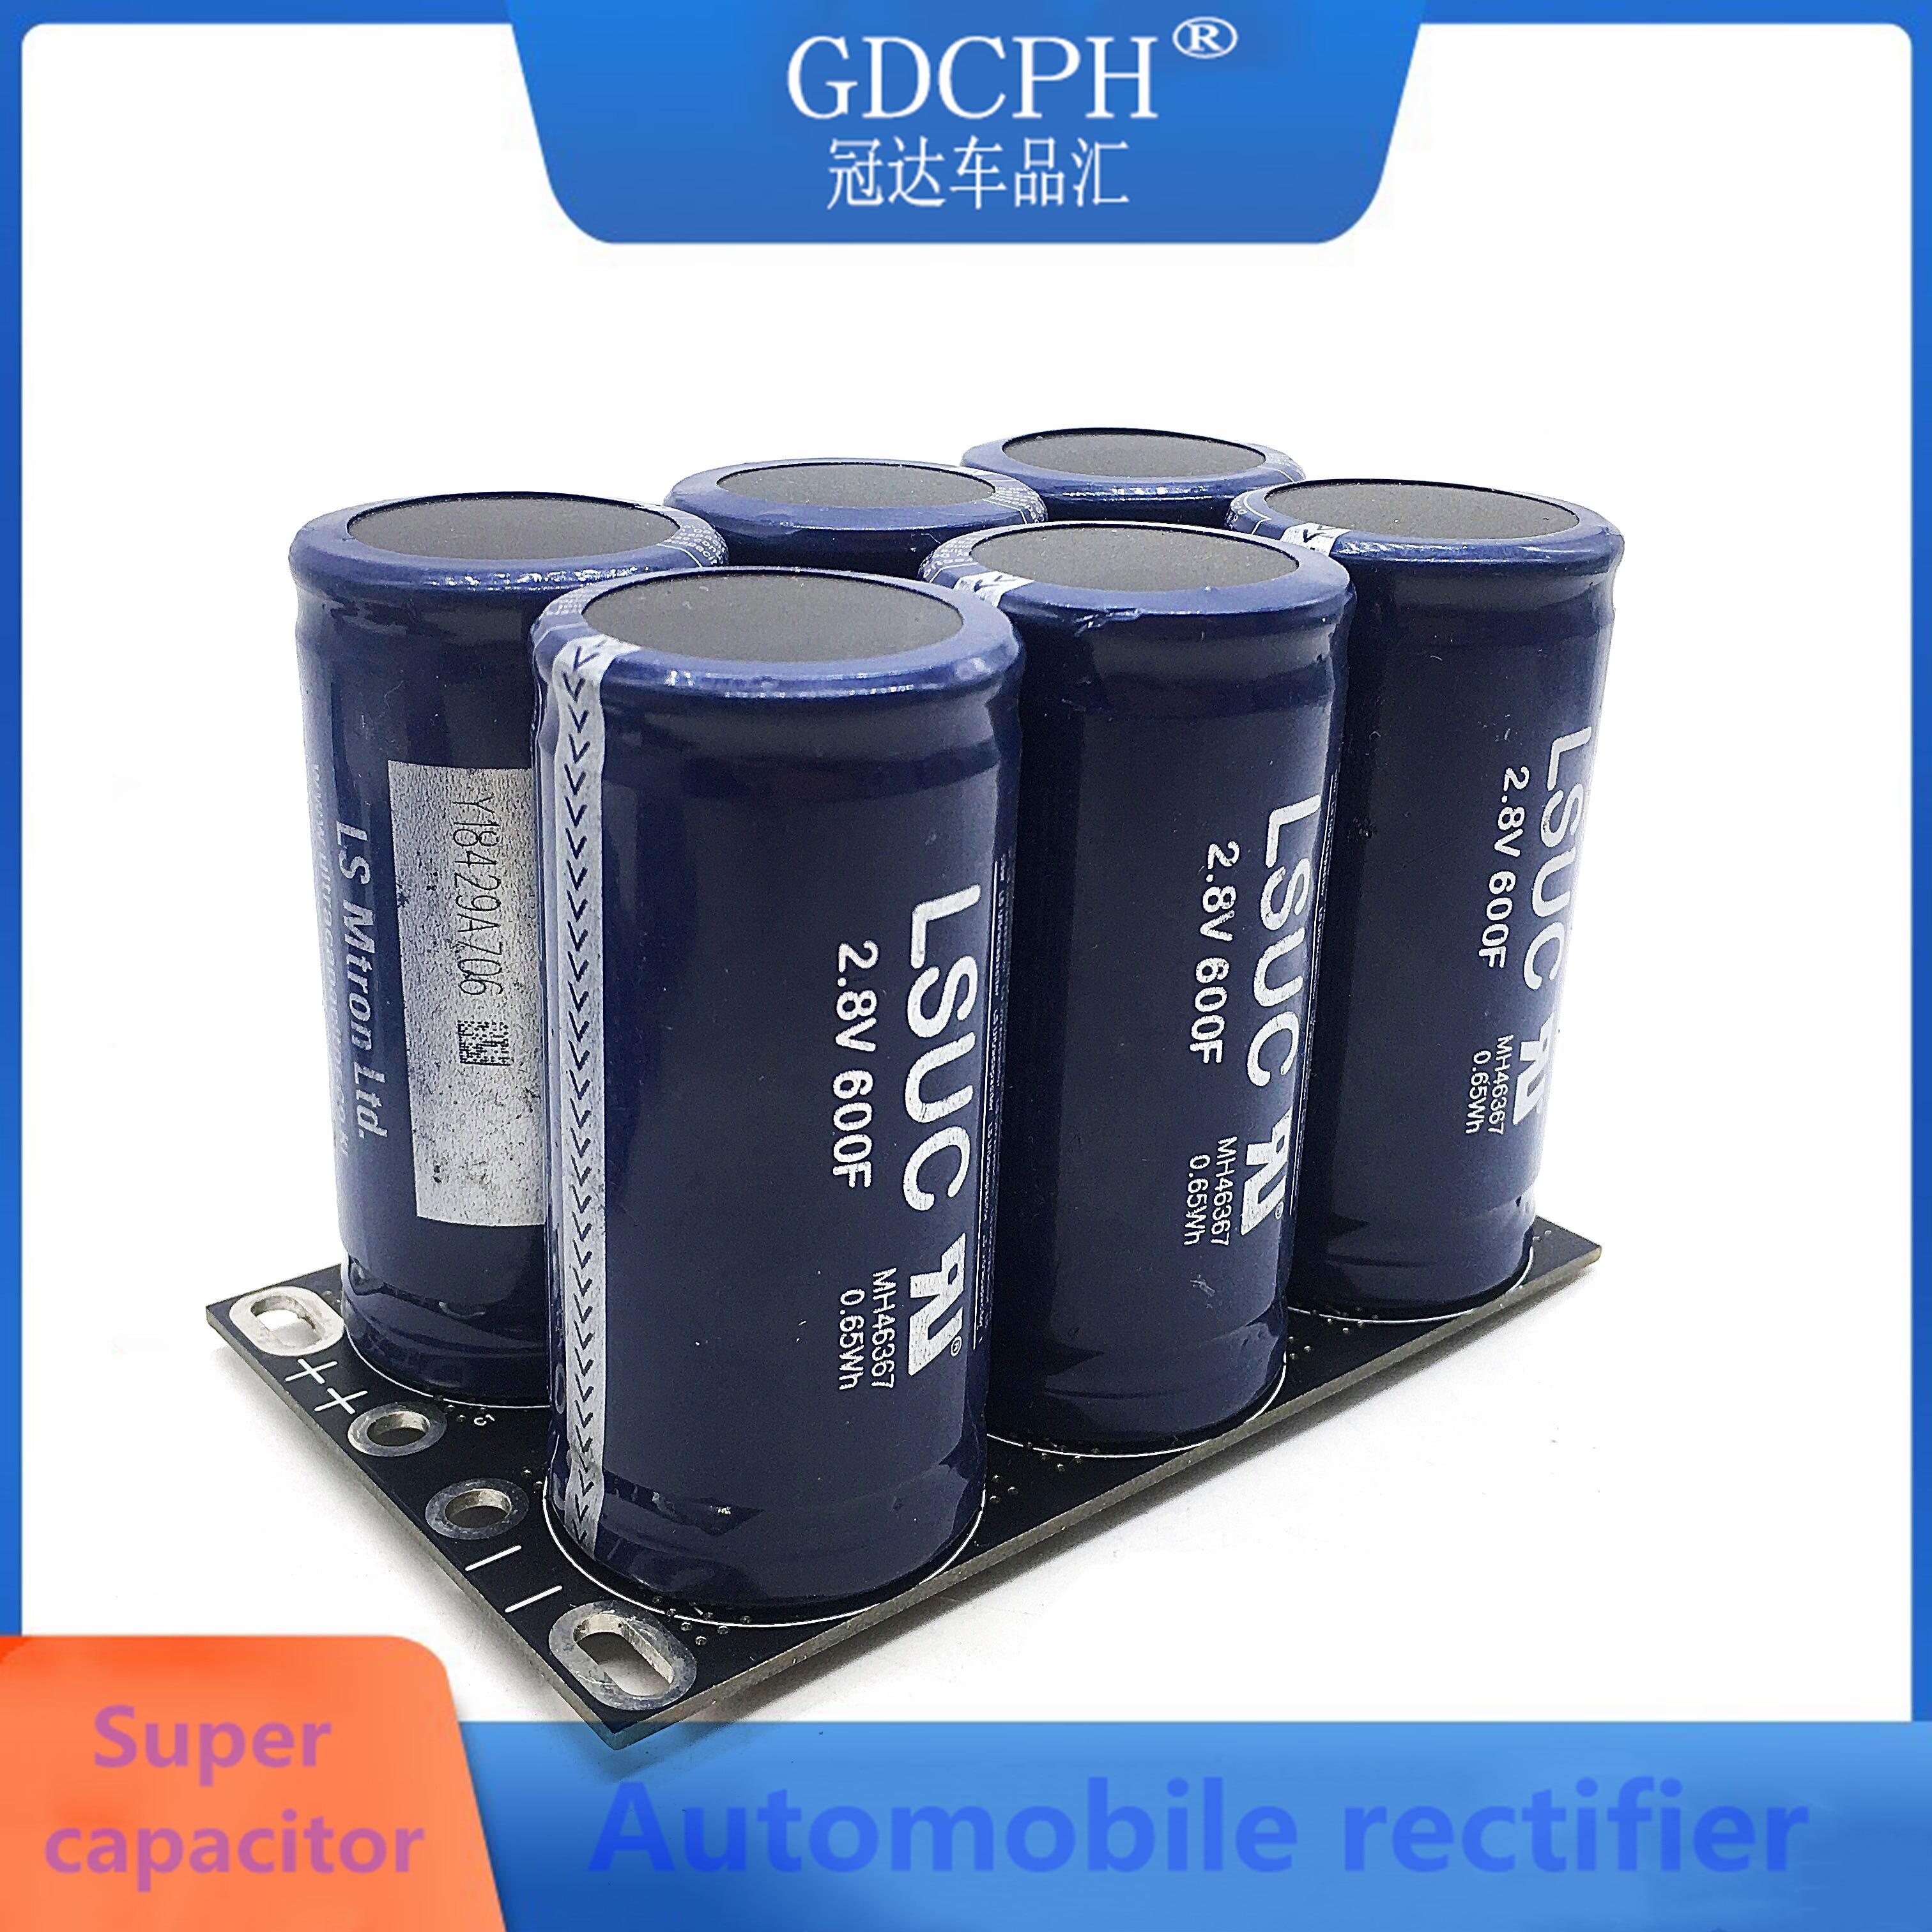 مكثف الفقرة التلقائي 17V116F سوبر فرح ، الكهربائية التلقائية 16V100F ، إستيلازادور دي فولتير بونسيدو